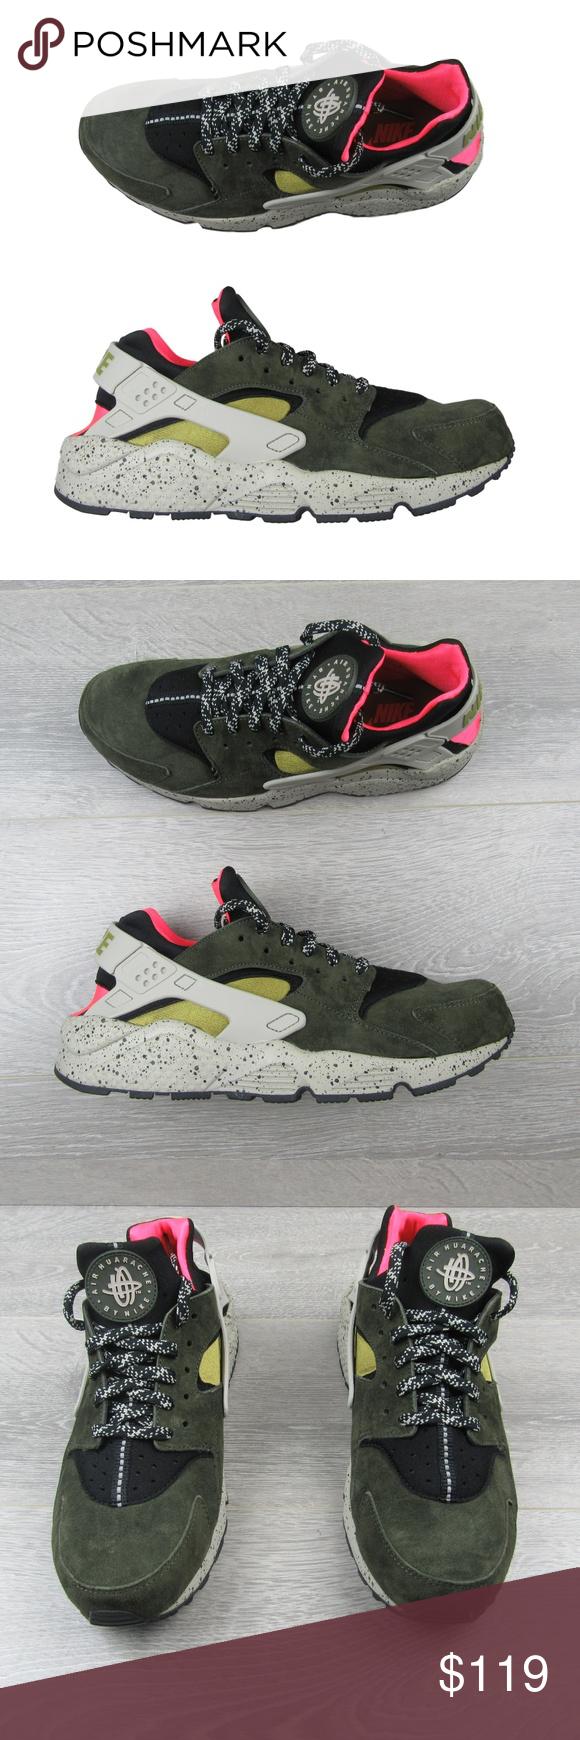 Nike Air Huarache Premium Running Shoes New | Nike air